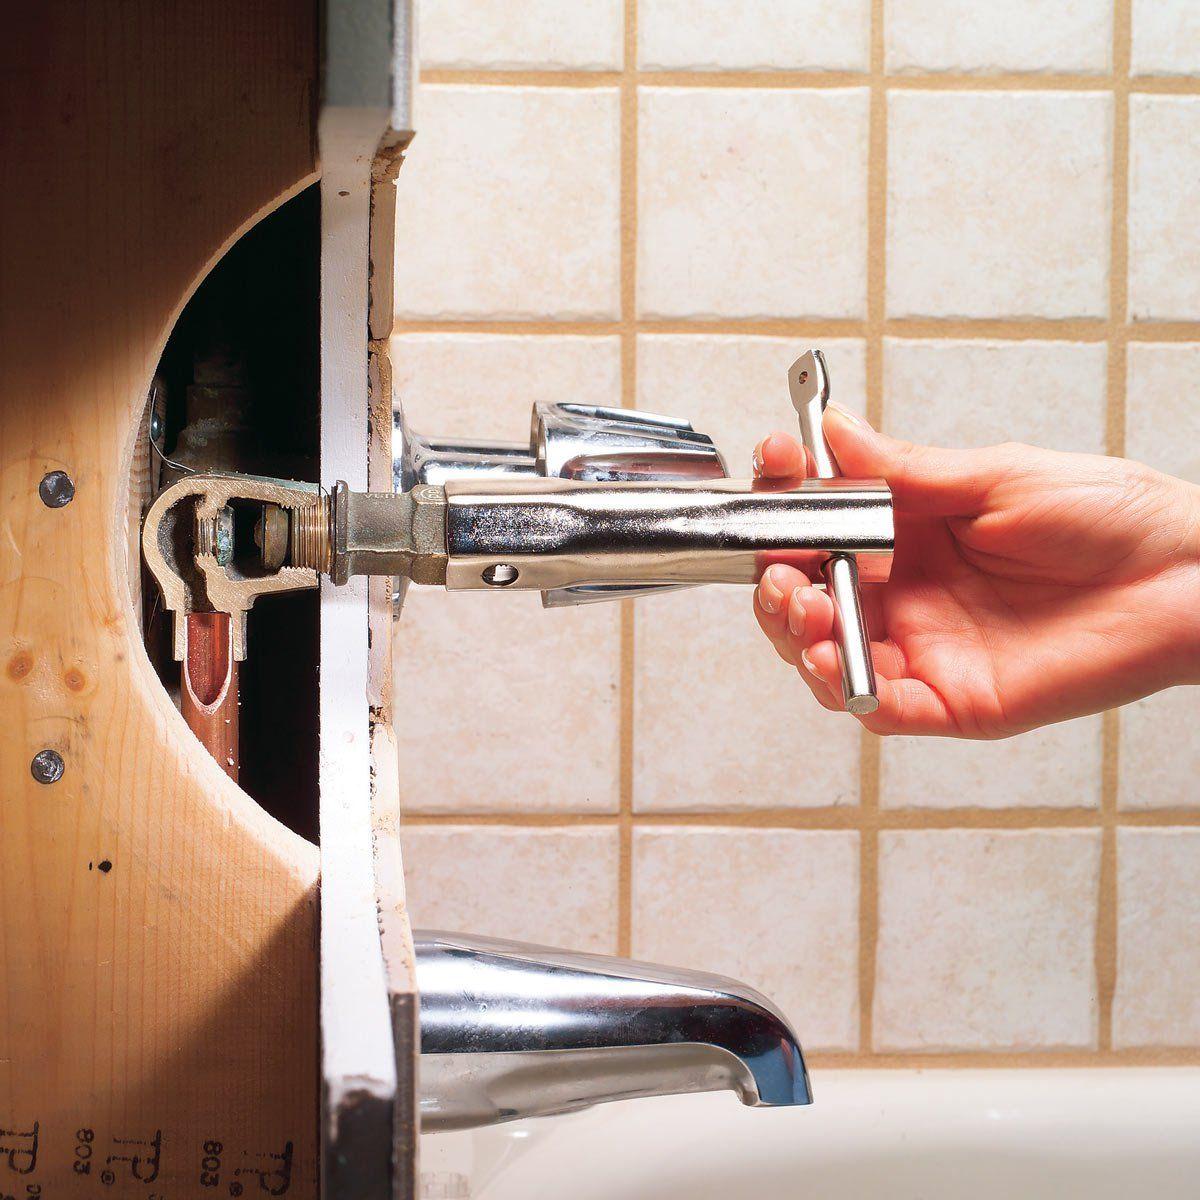 How To Fix A Leaking Bathtub Faucet Bathtub Faucet Faucet